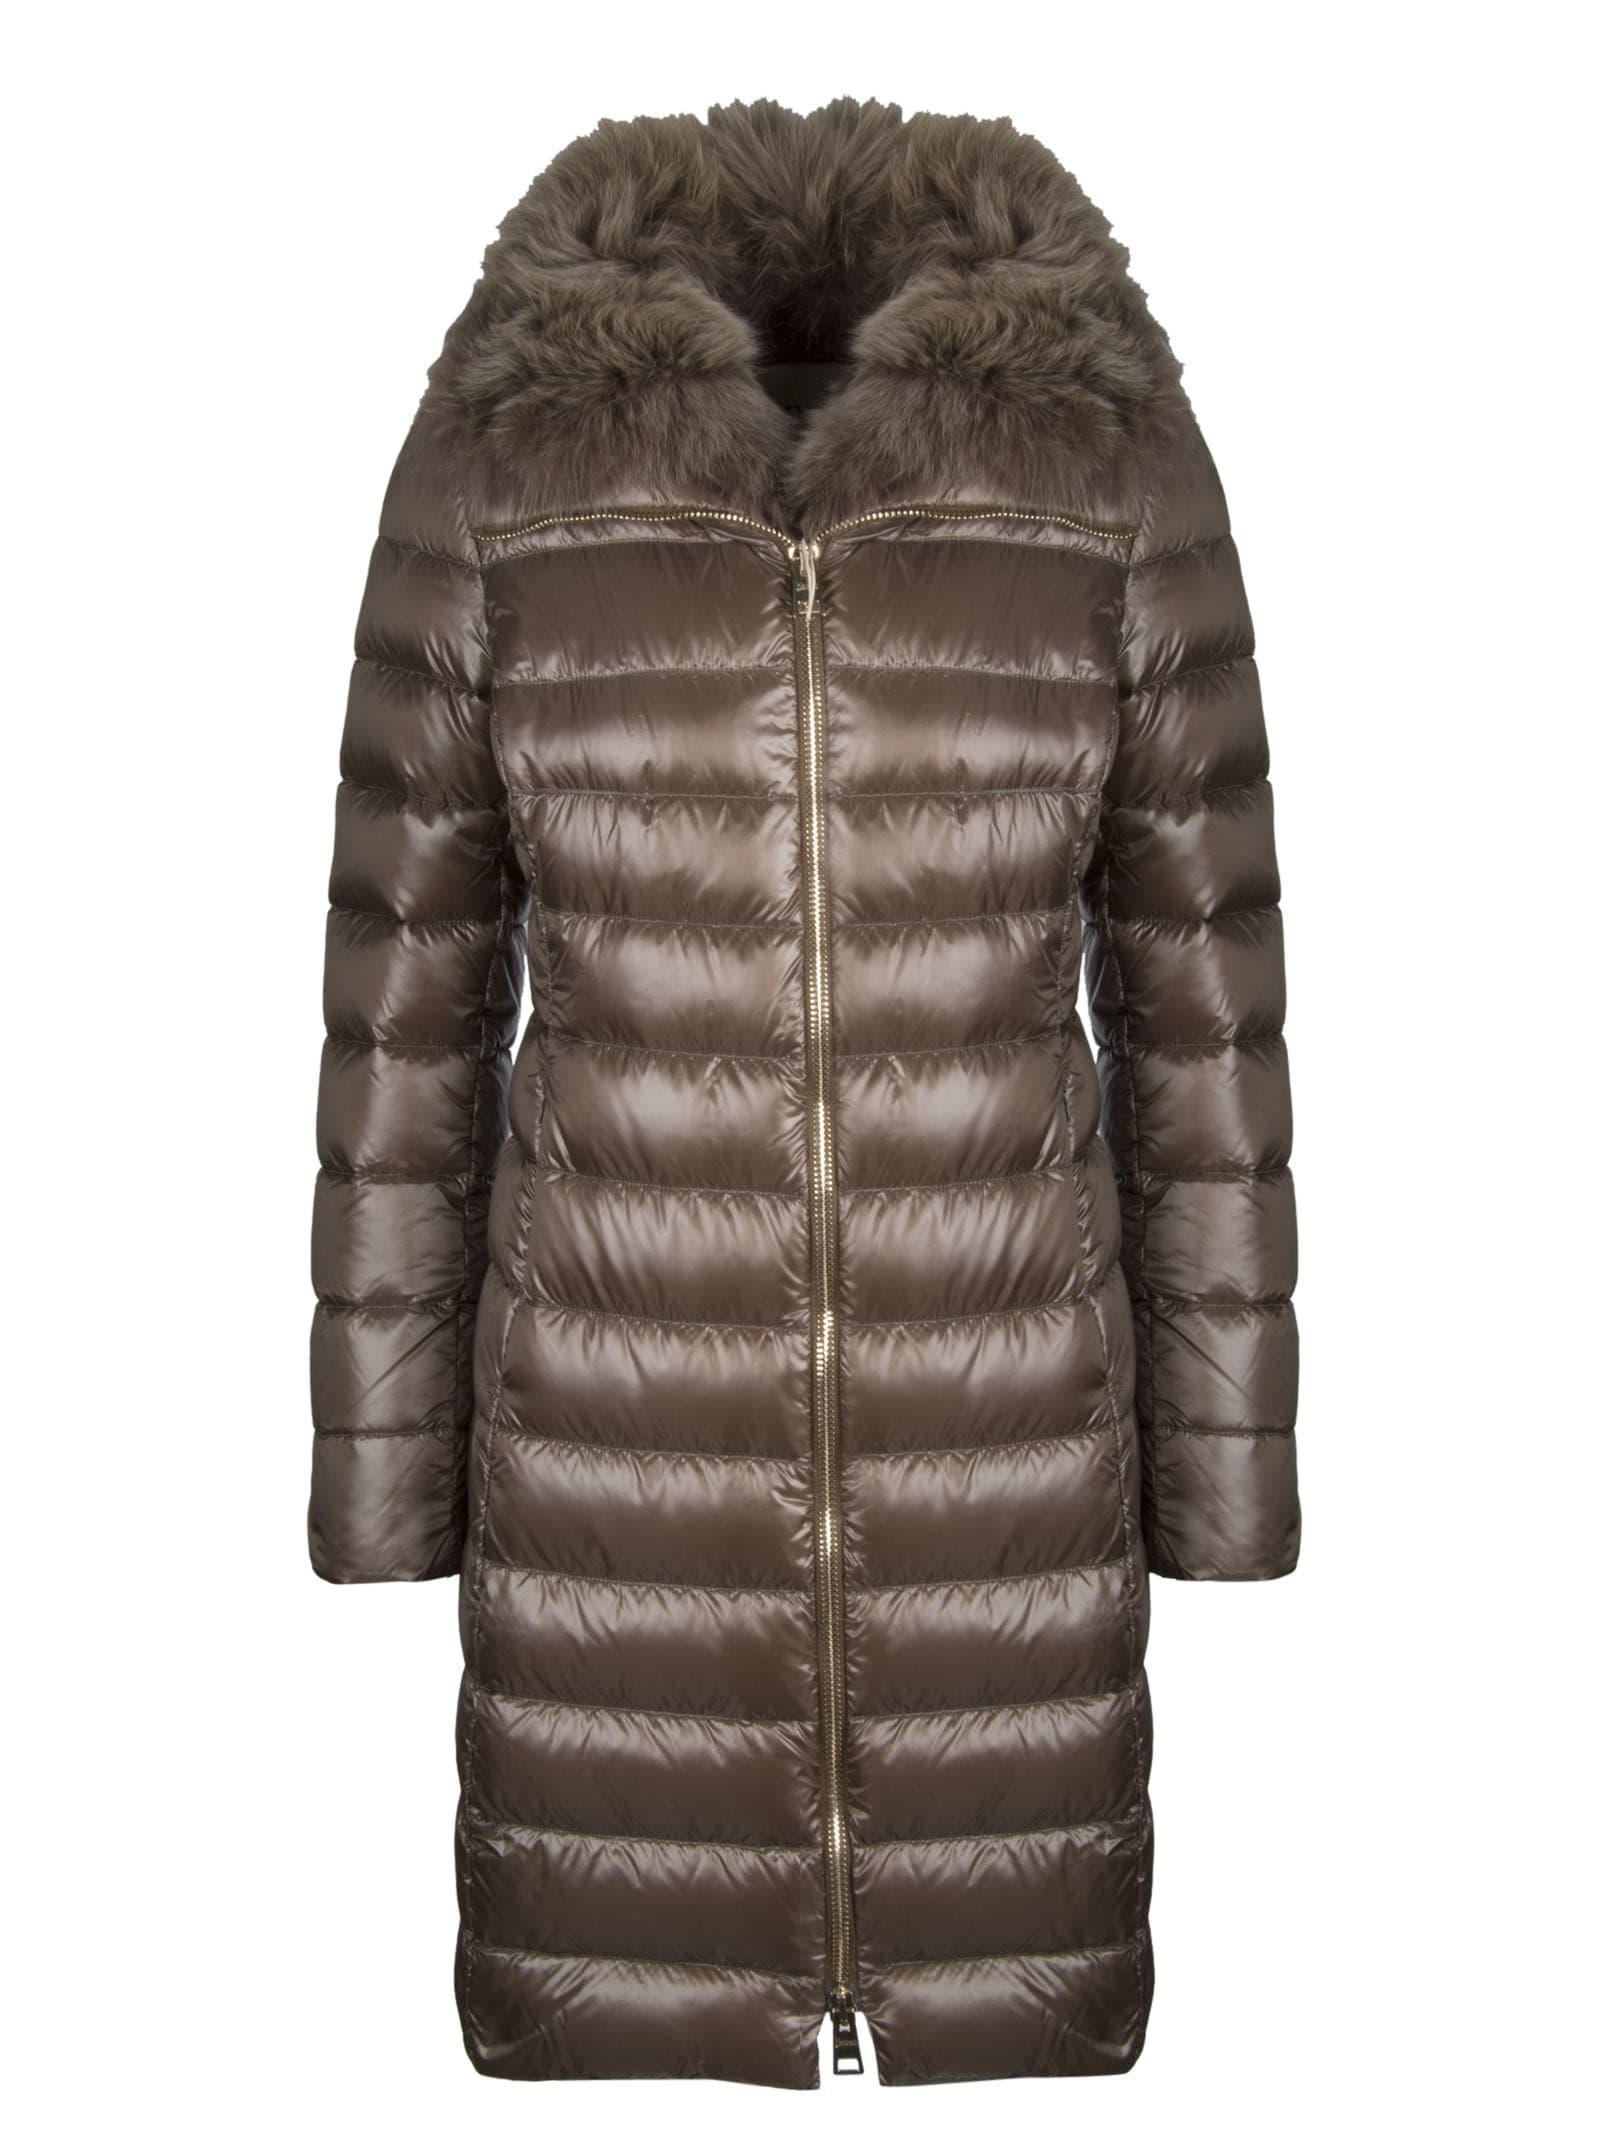 Herno Iconic Elisa Padded Jacket